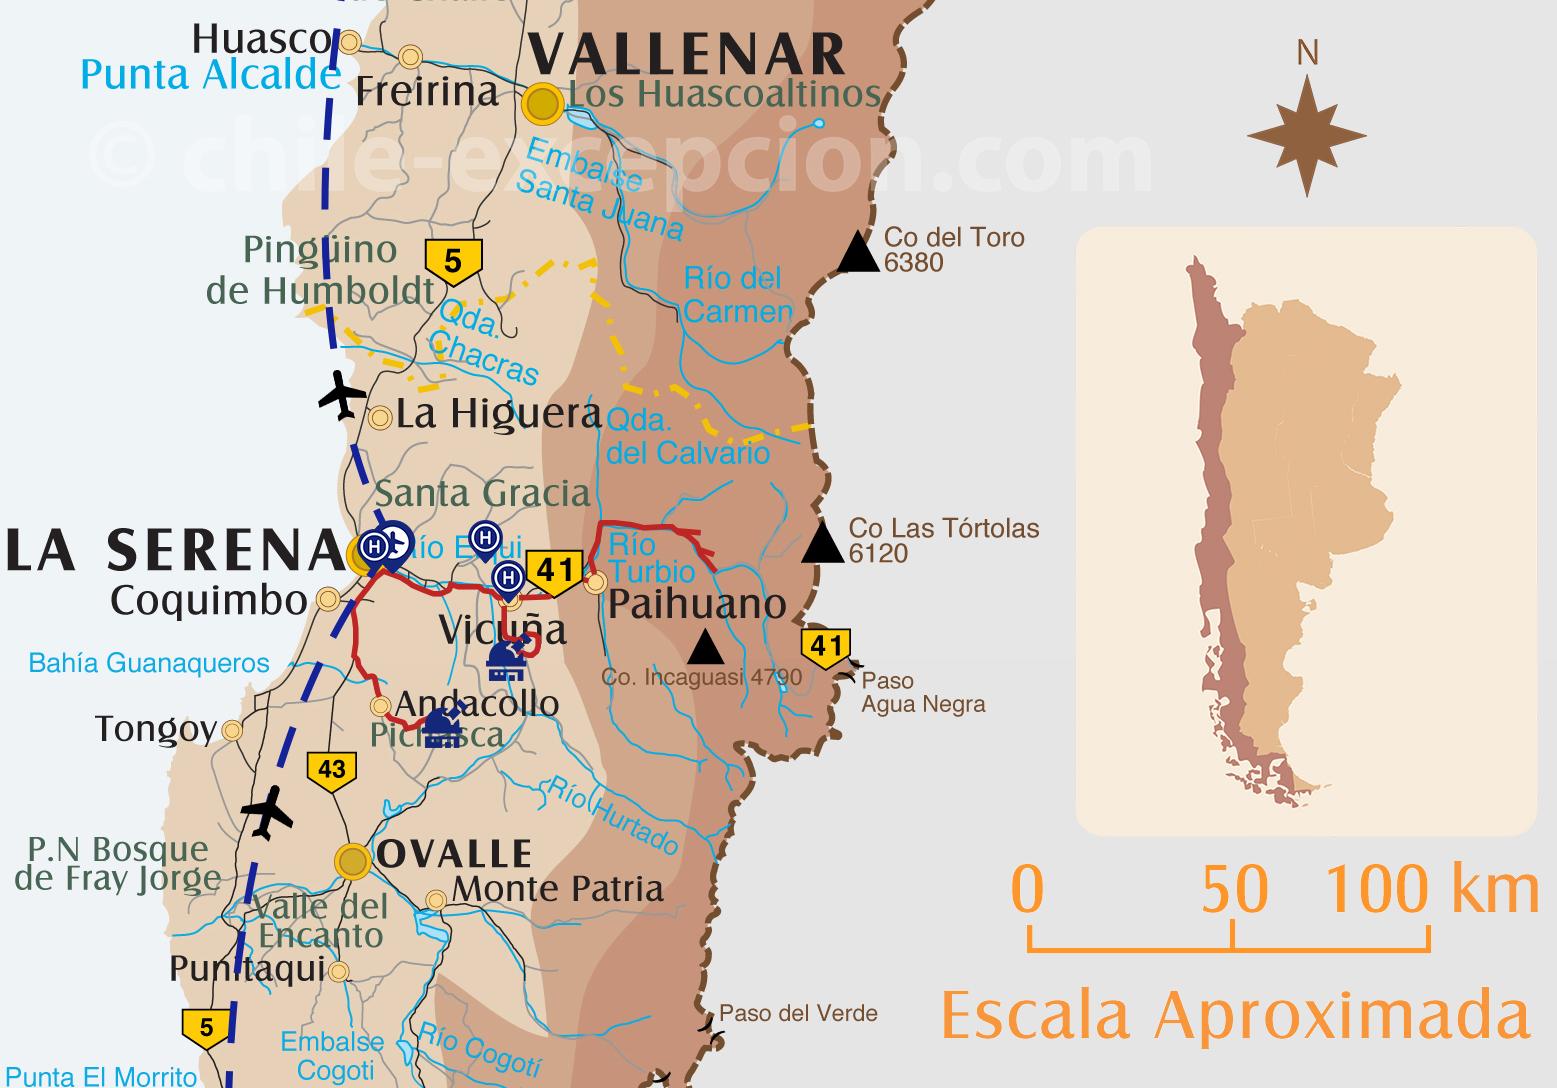 Voyage Astronomie au Chili, partie Elqui La Serena